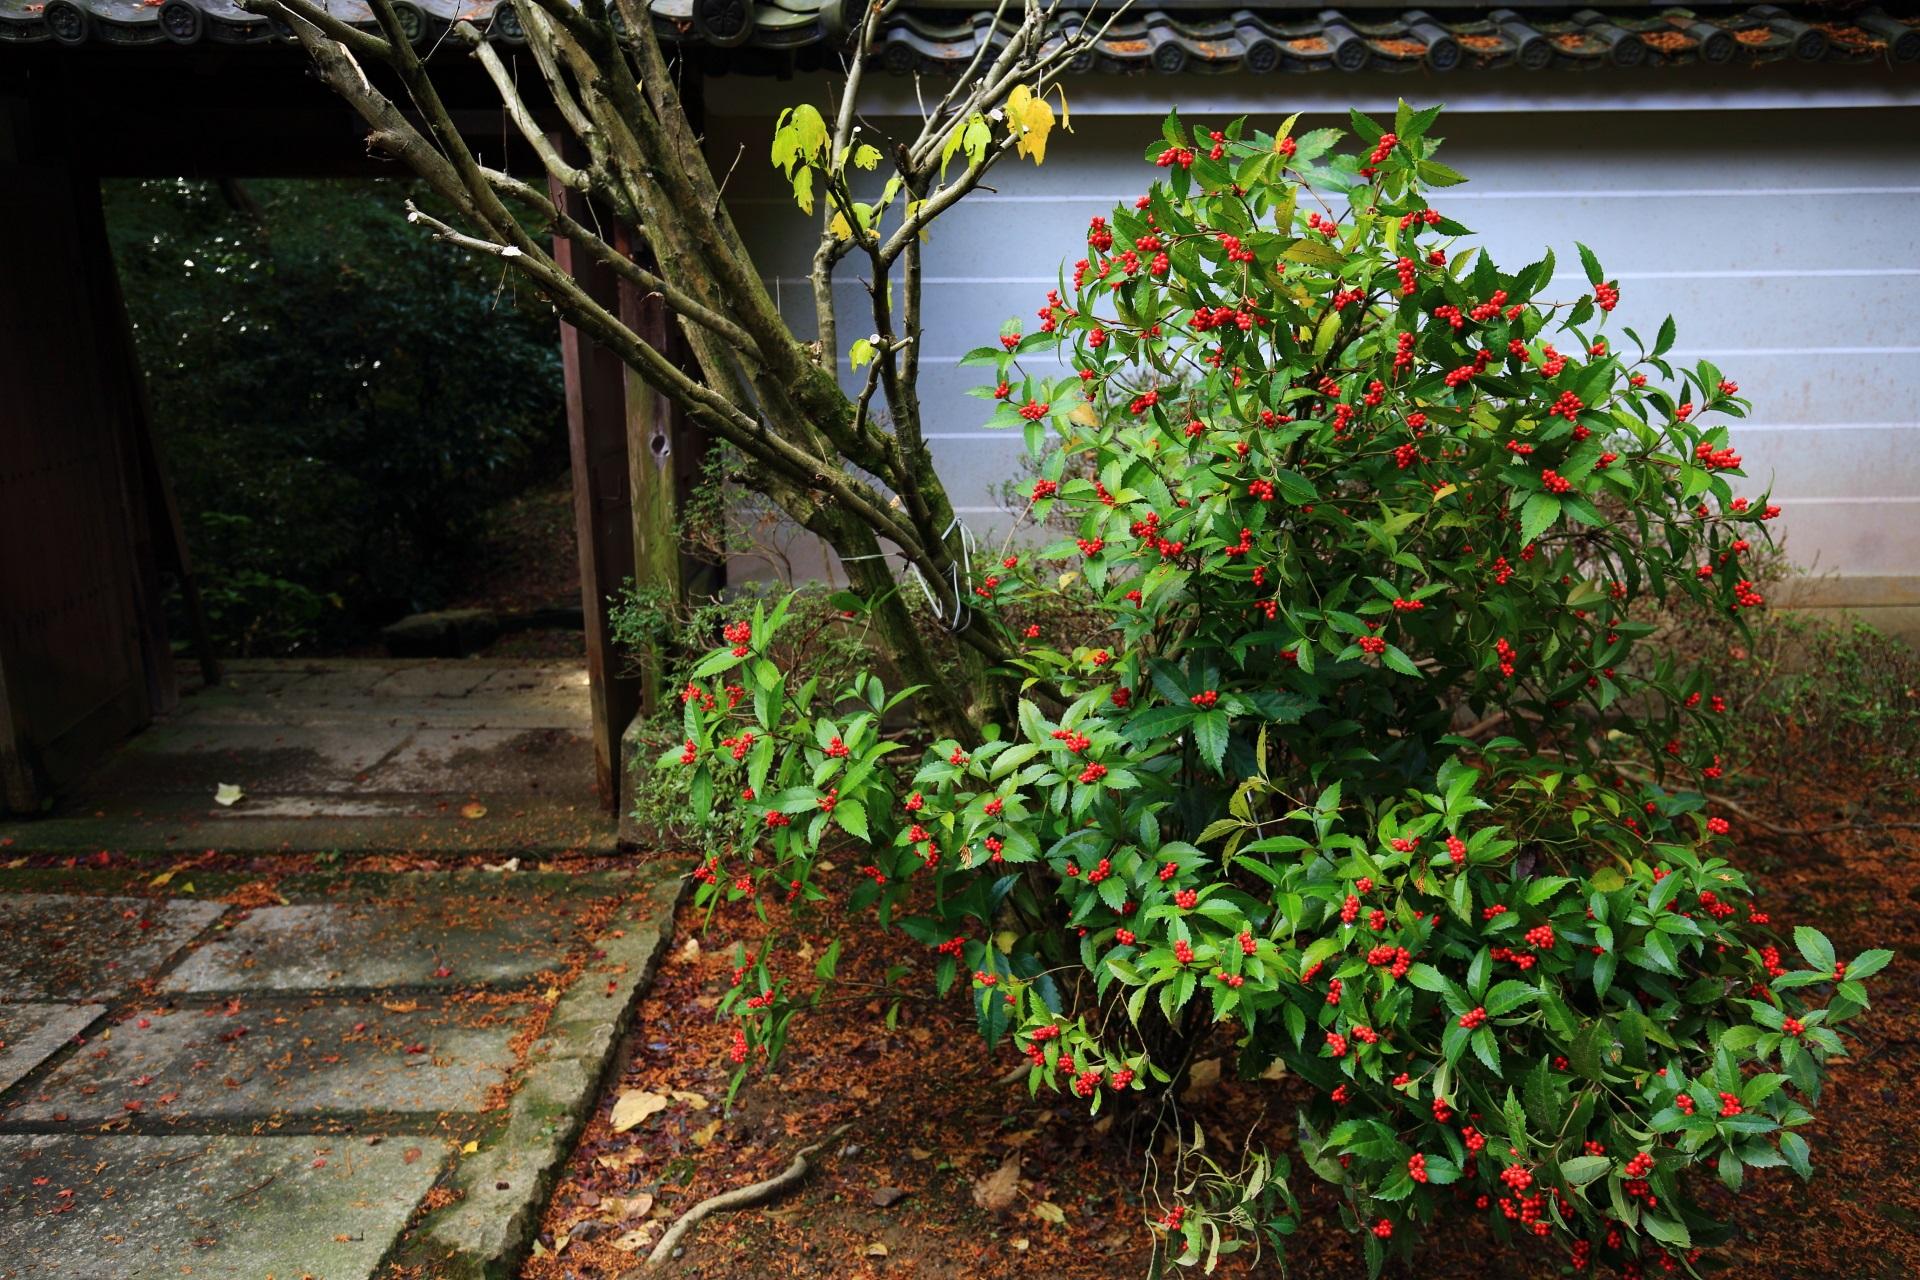 山崎聖天の聖天堂横の赤い実をつけた千両